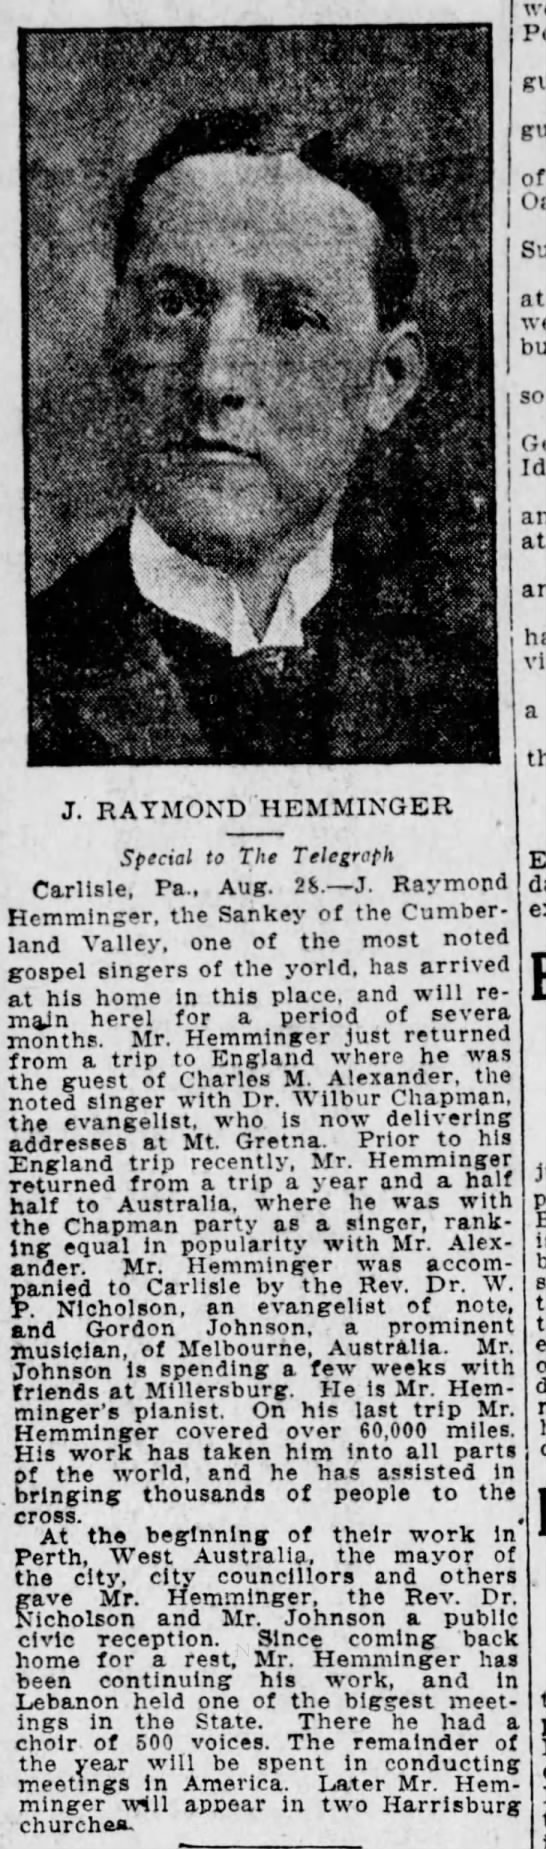 J. Raymond Hemminger